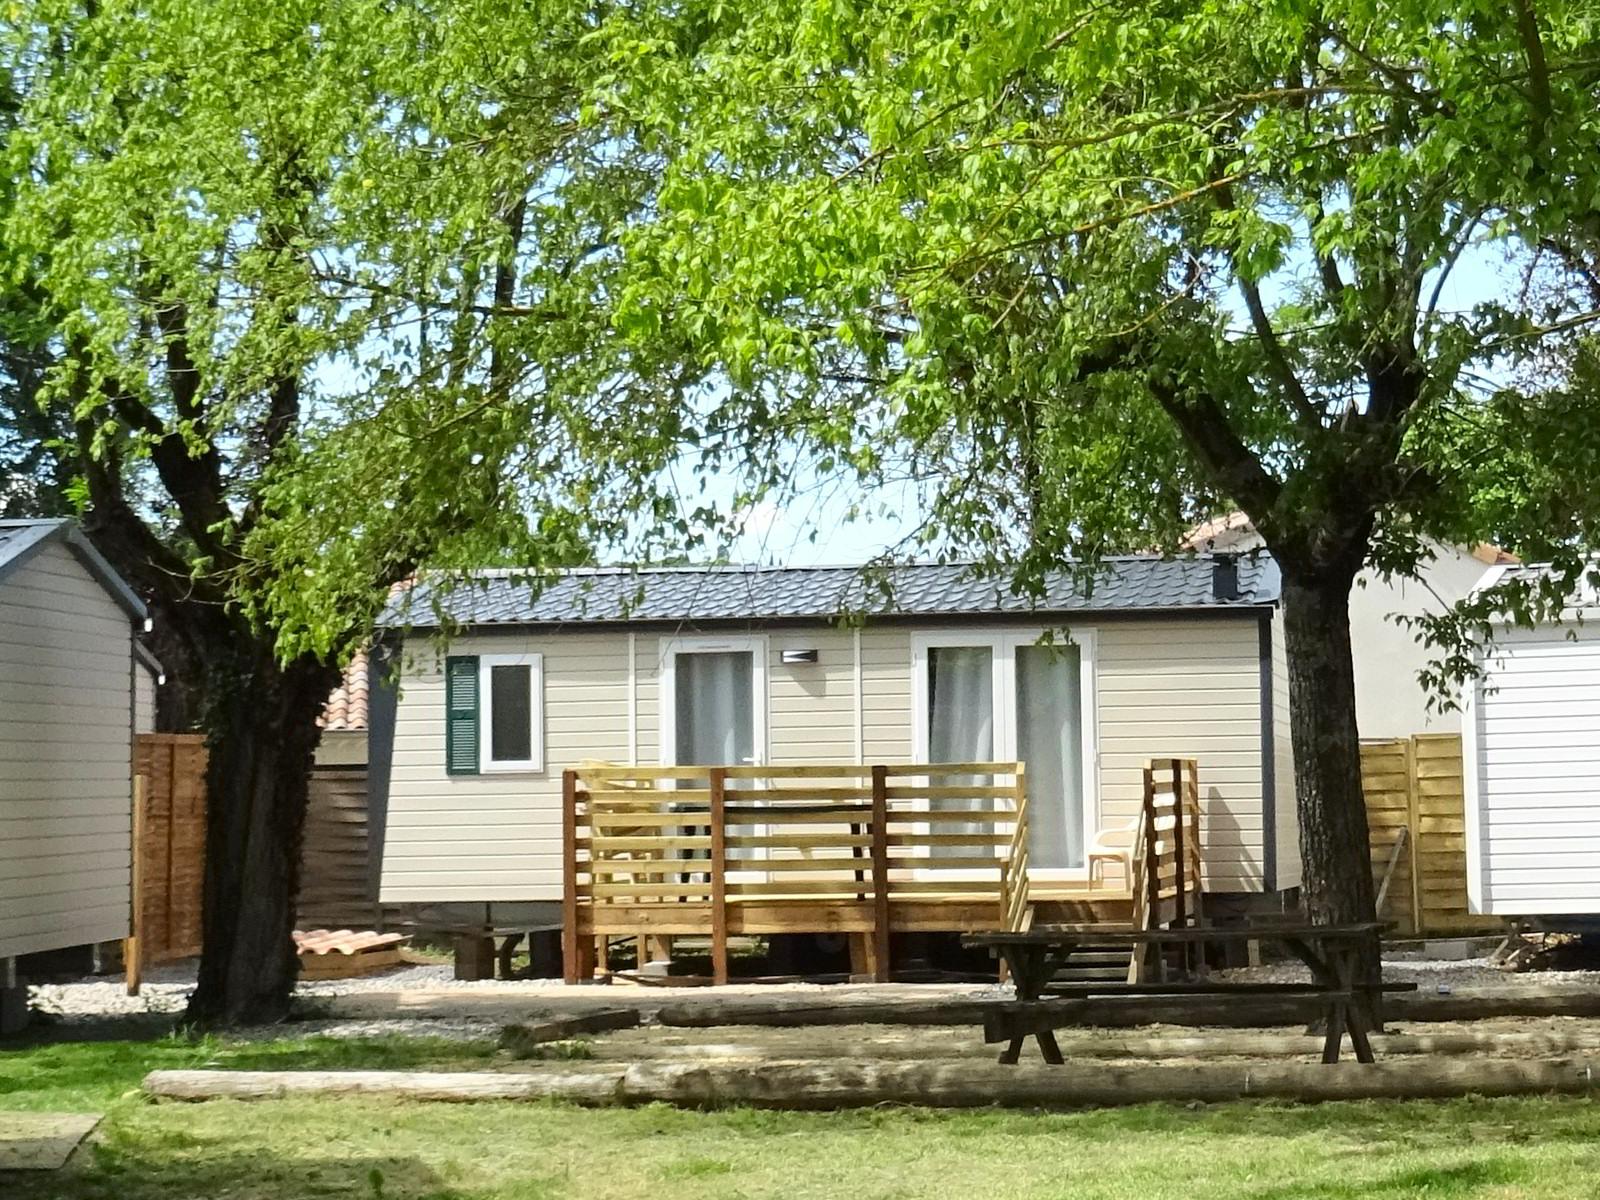 Neues Mobilheim mit 2 Schlafzimmern, 4 Personen - 2021